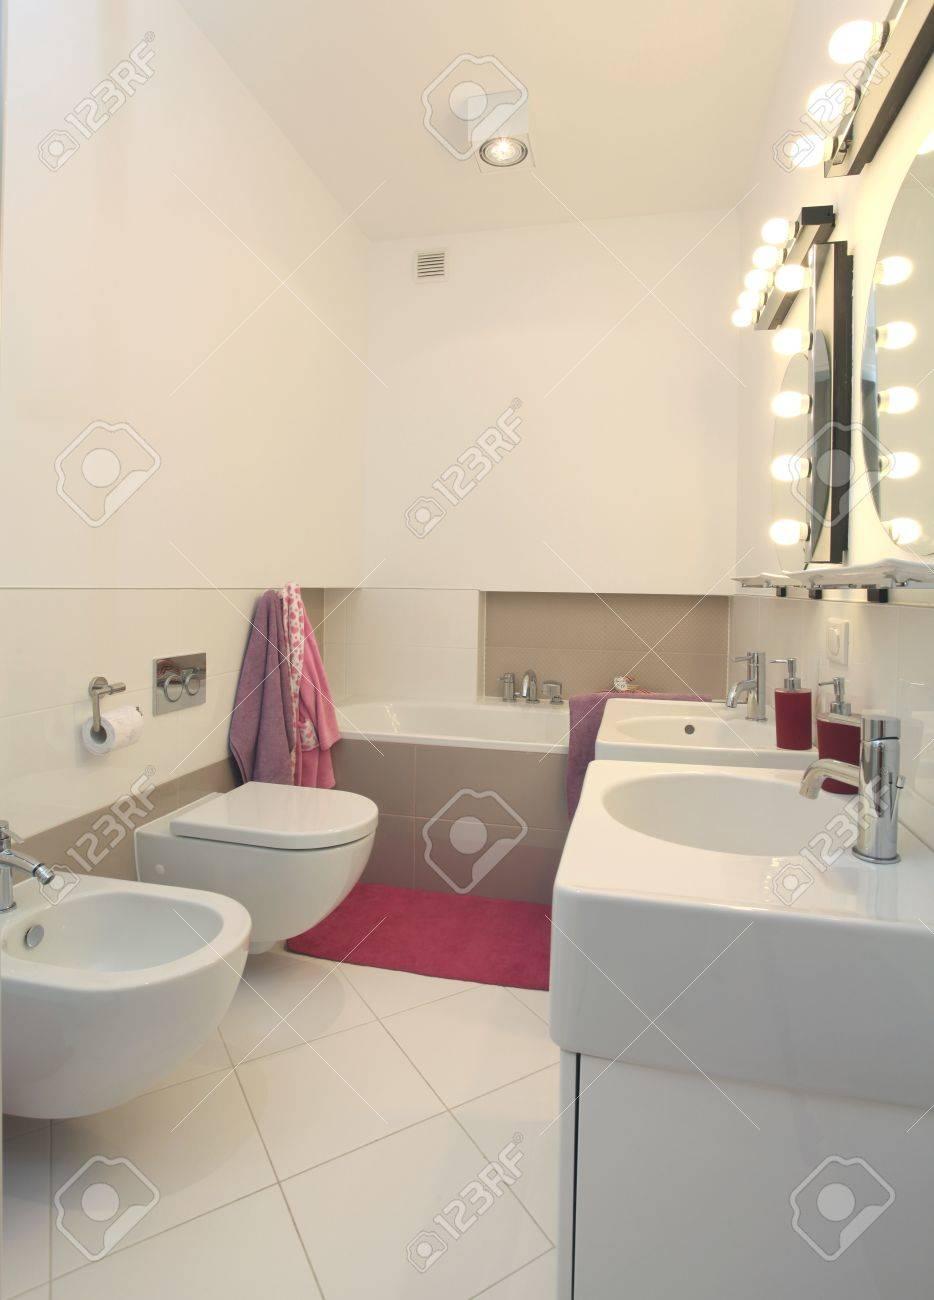 Cuarto De Baño Blanco Con Toallas De Color Rosa, Alfombras Y ...